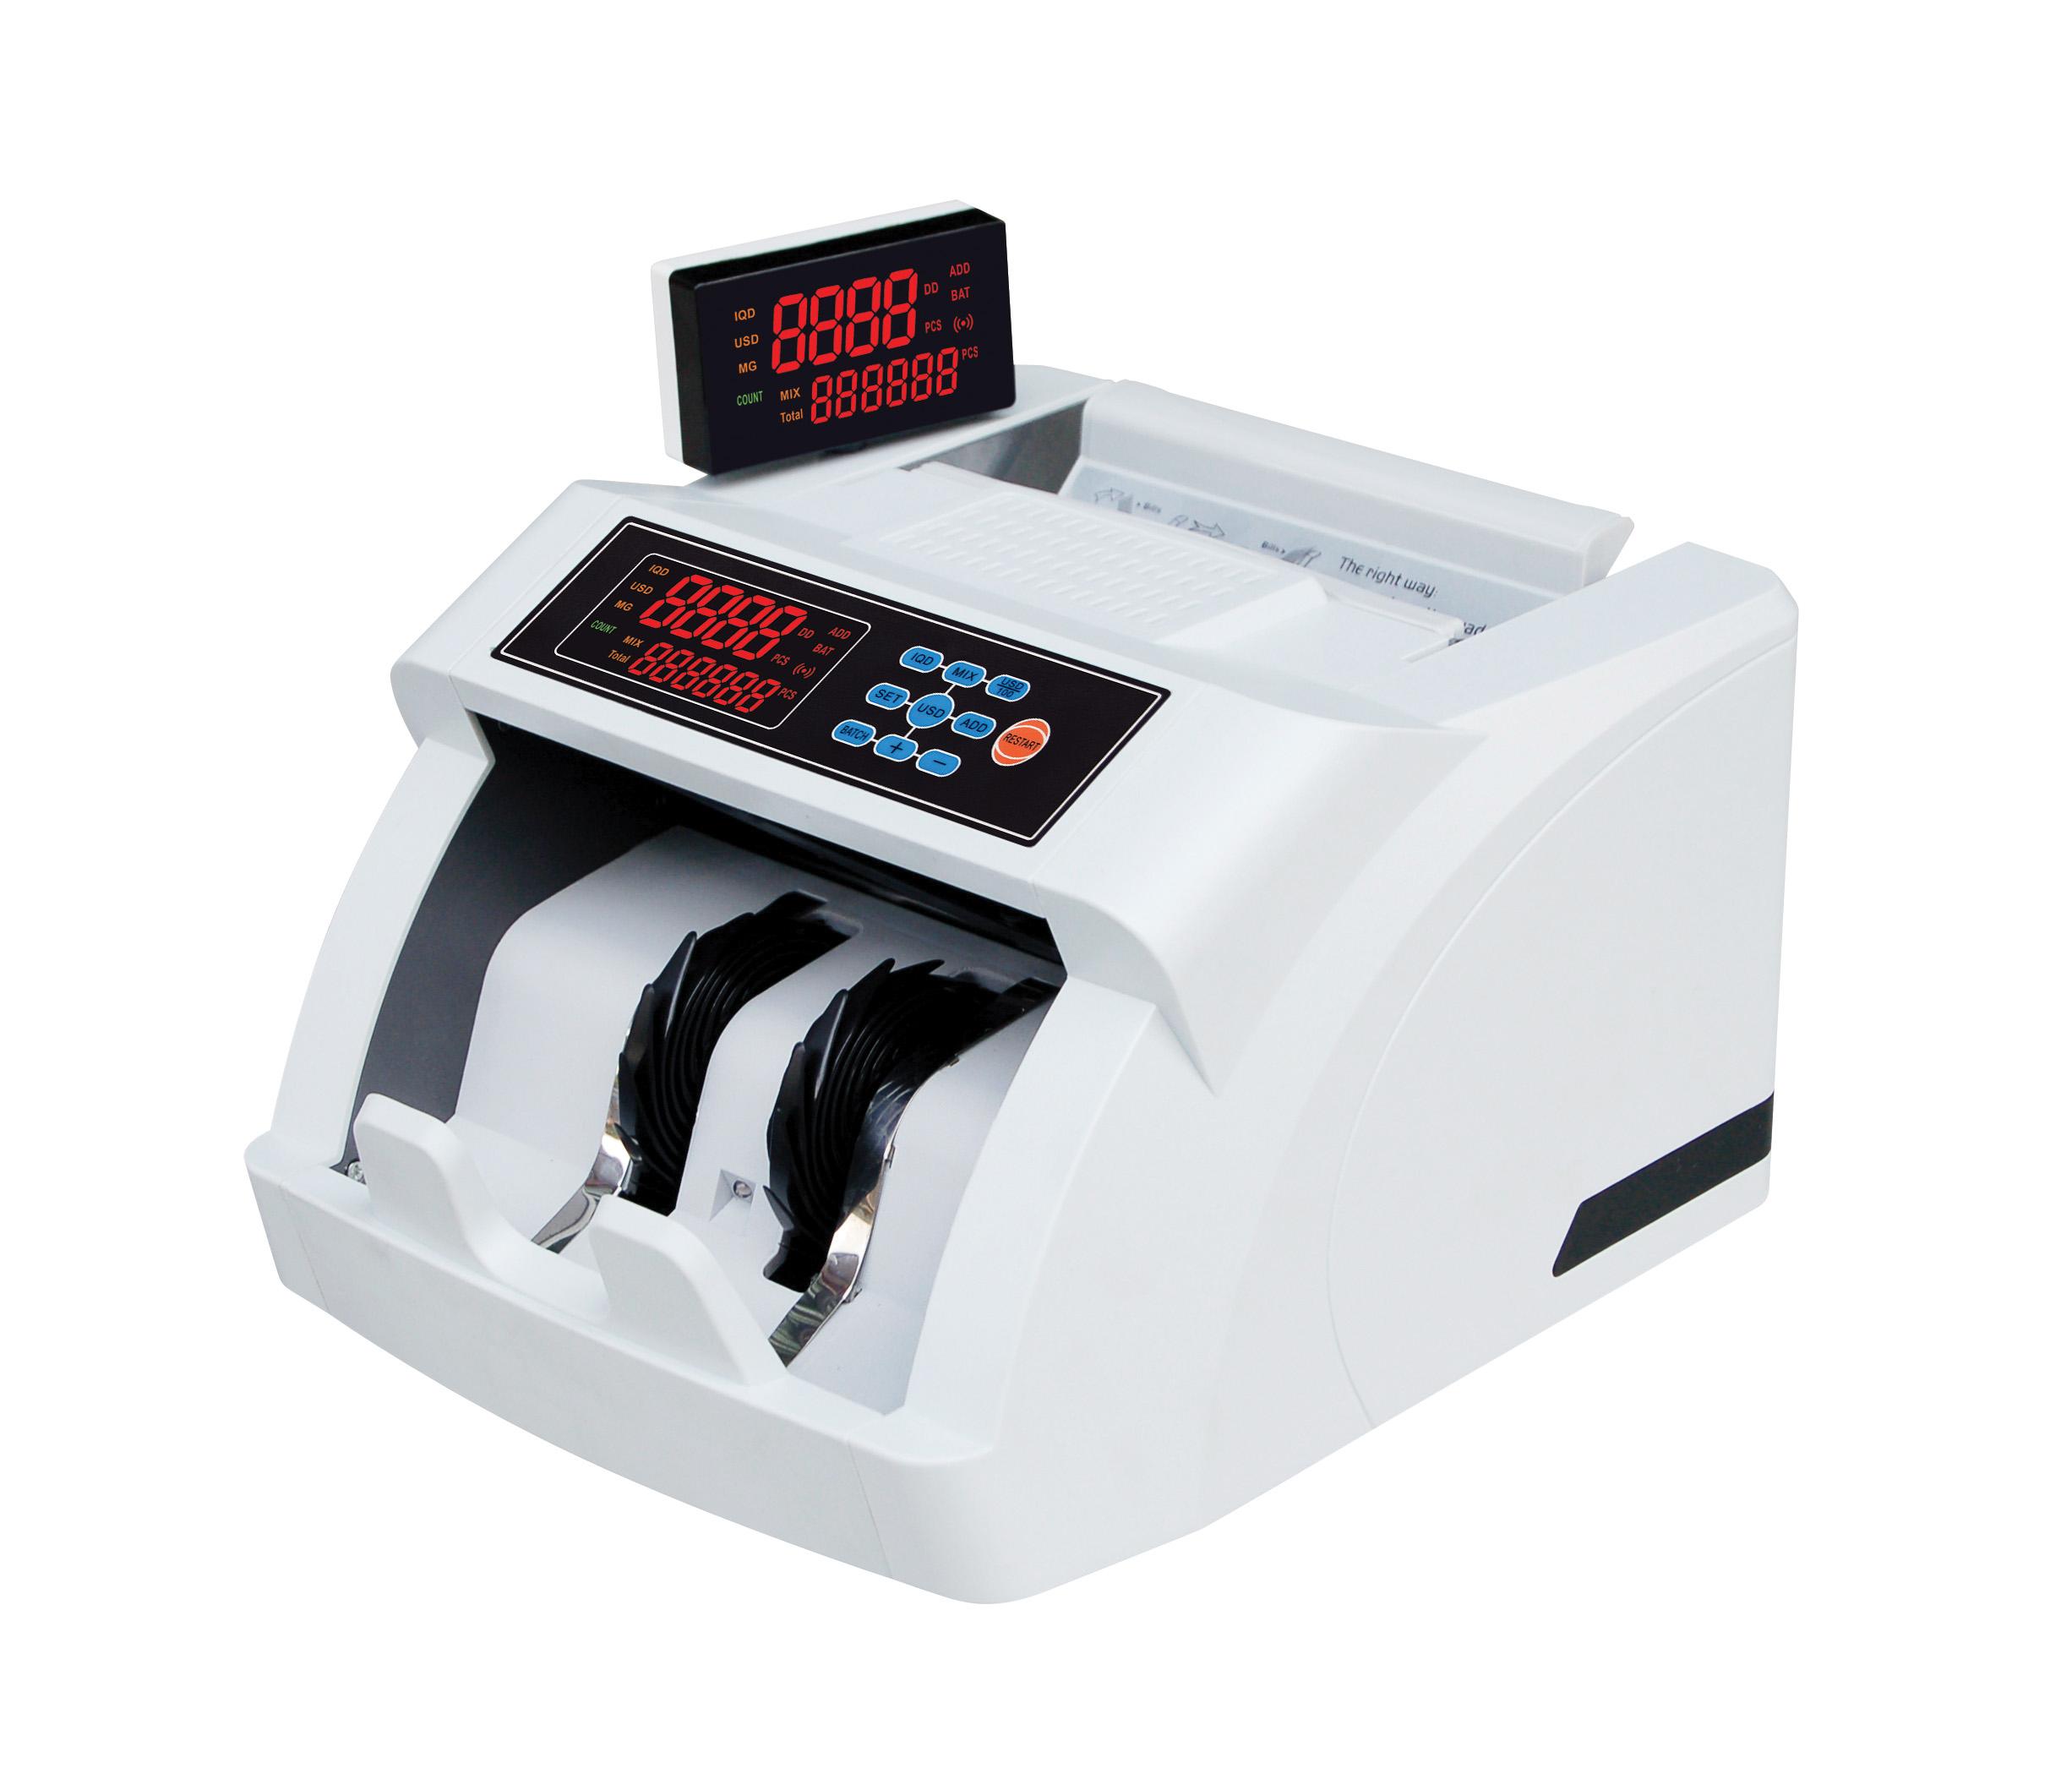 浩顺HS-5602,B类机银行专用浩顺点钞机全智能点验钞机